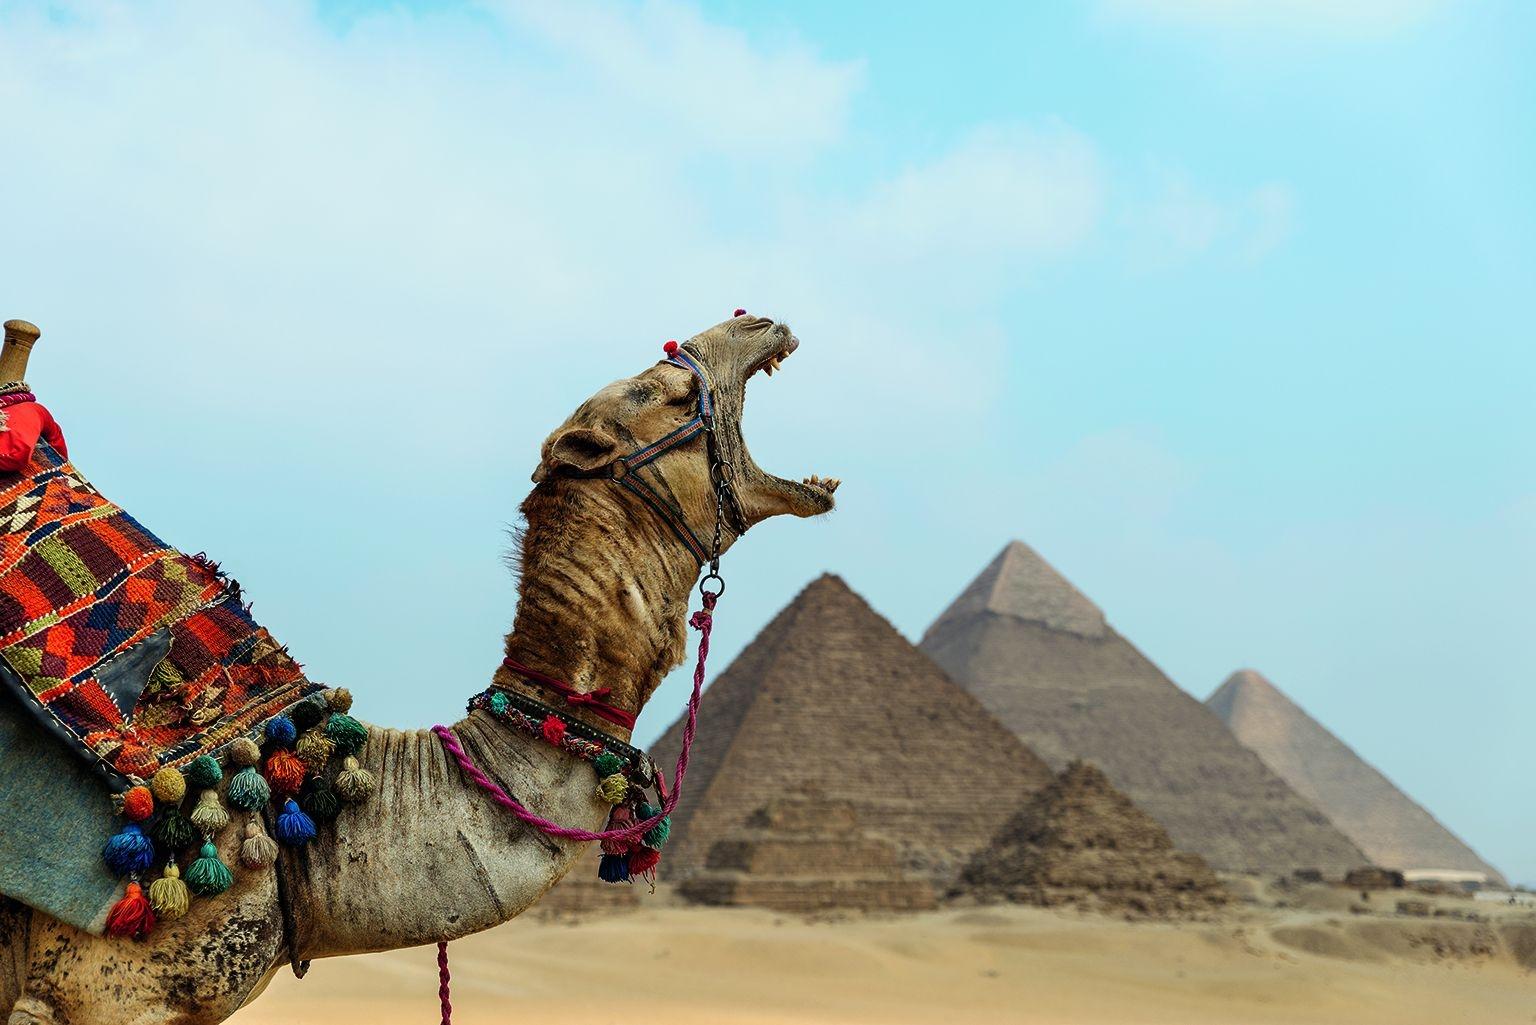 埃及。吉薩金字塔群是世界七大奇觀之一,卻令這匹名叫艾力克斯的駱駝大打呵欠。這片建於4500年前的法老陵墓群是建築創意的奇蹟。其中最大的一座金字塔以230萬個大石塊建成,高147公尺。PHOTO: CLAIRE THOMAS